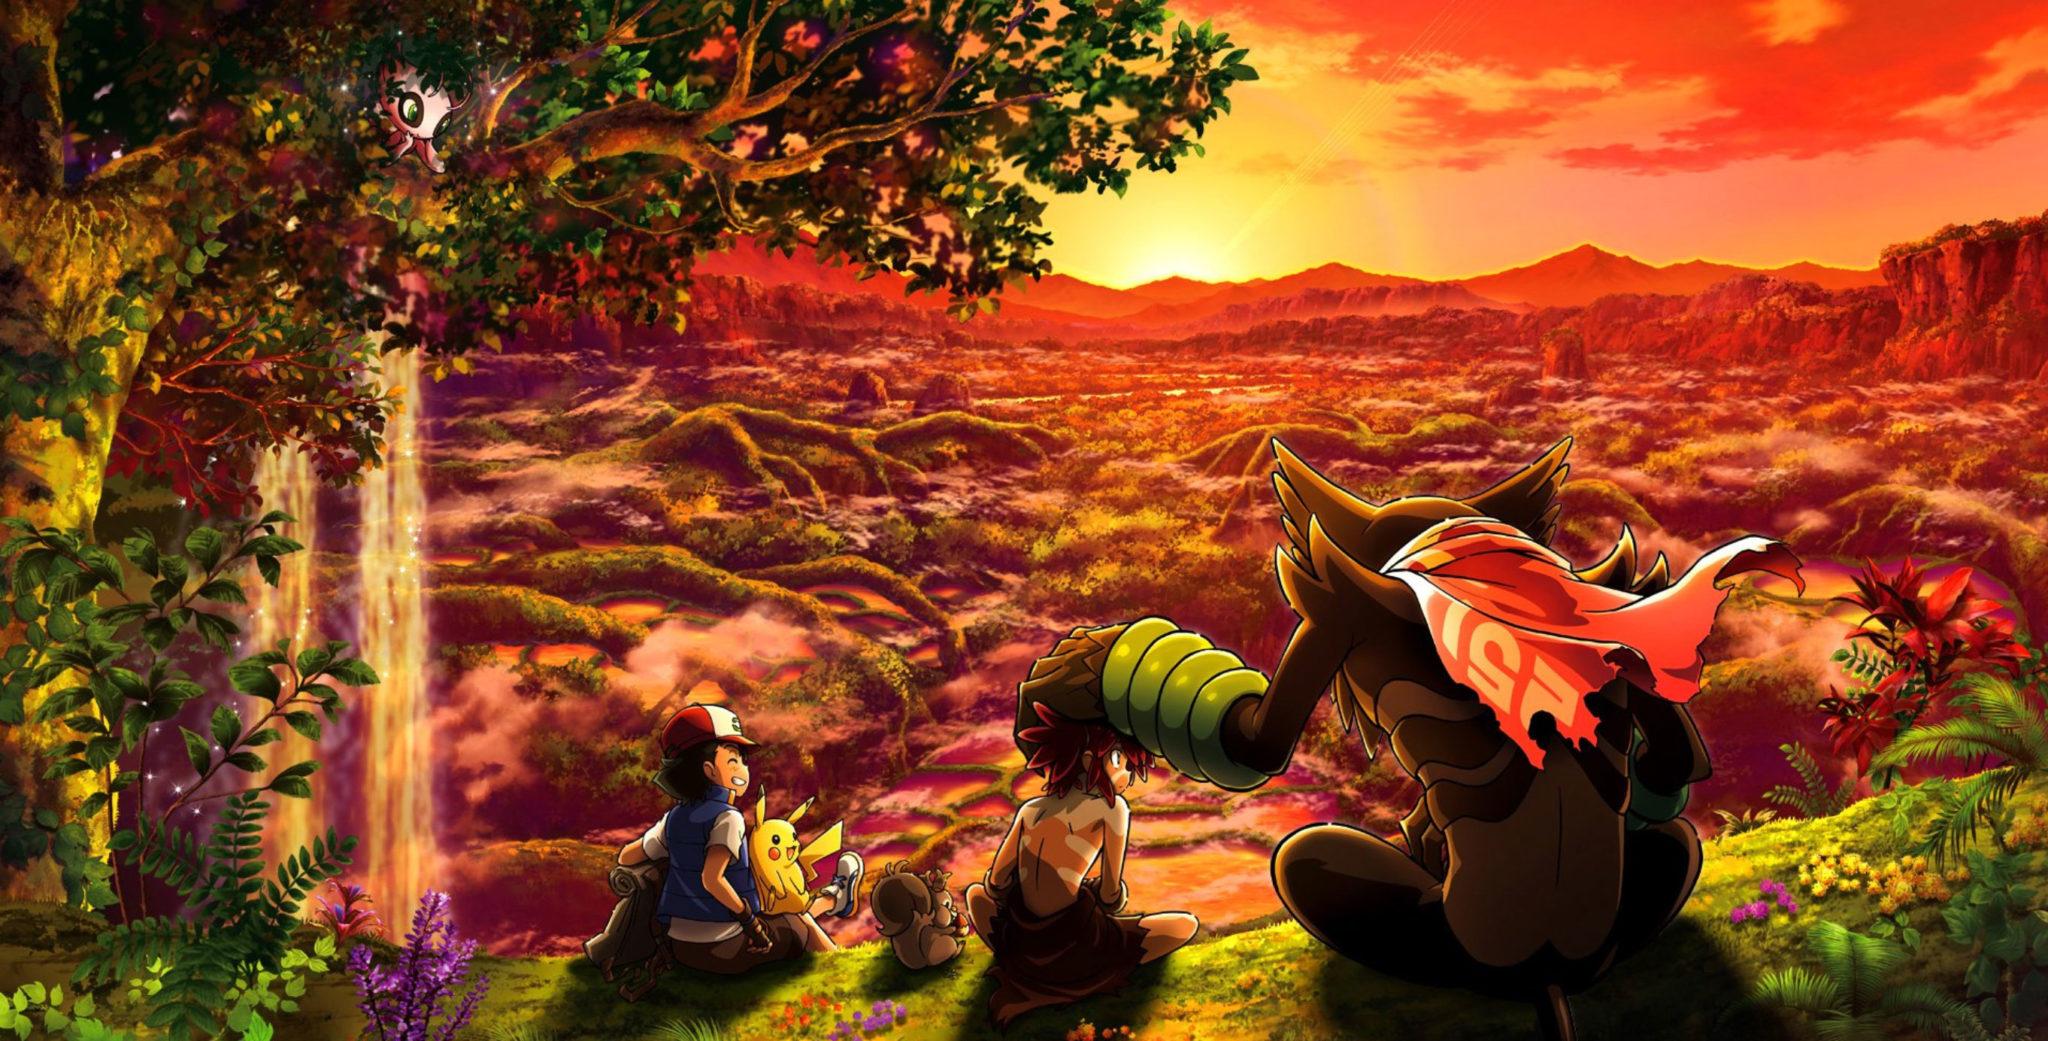 pokemon coco movie zarude